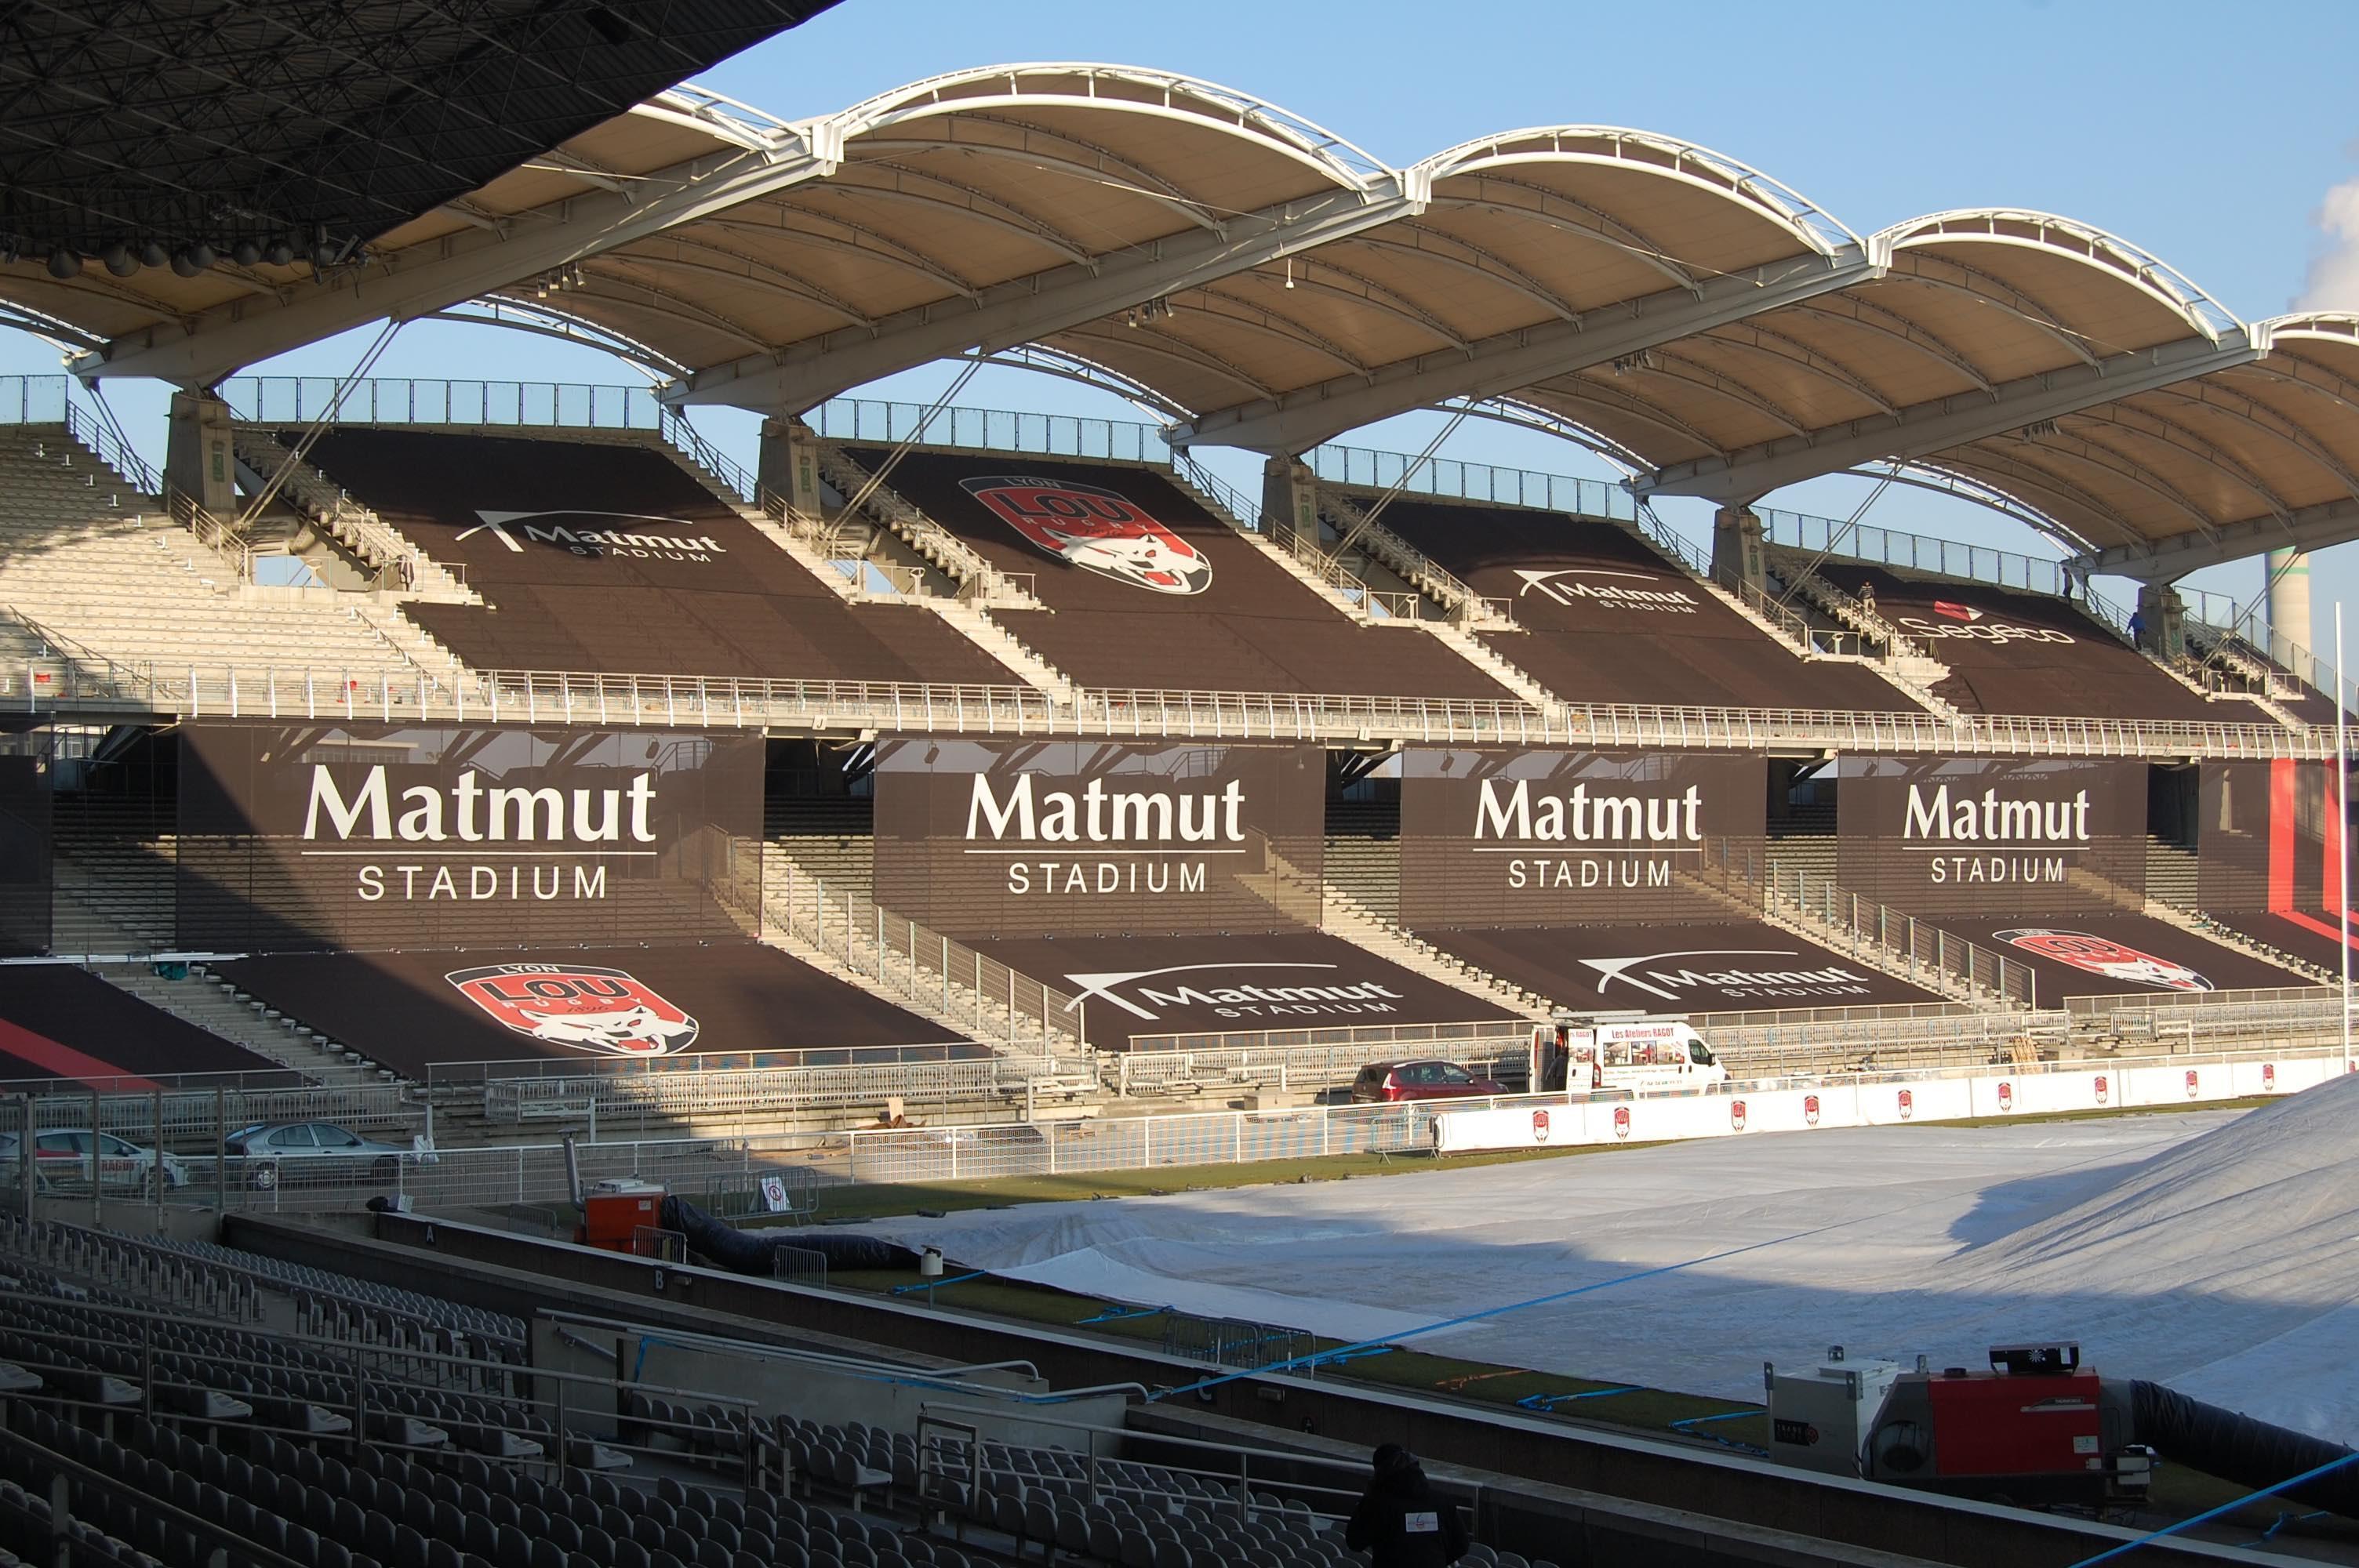 Visite guidée gratuite du Matmut Stadium Gerland + Barbecue offert